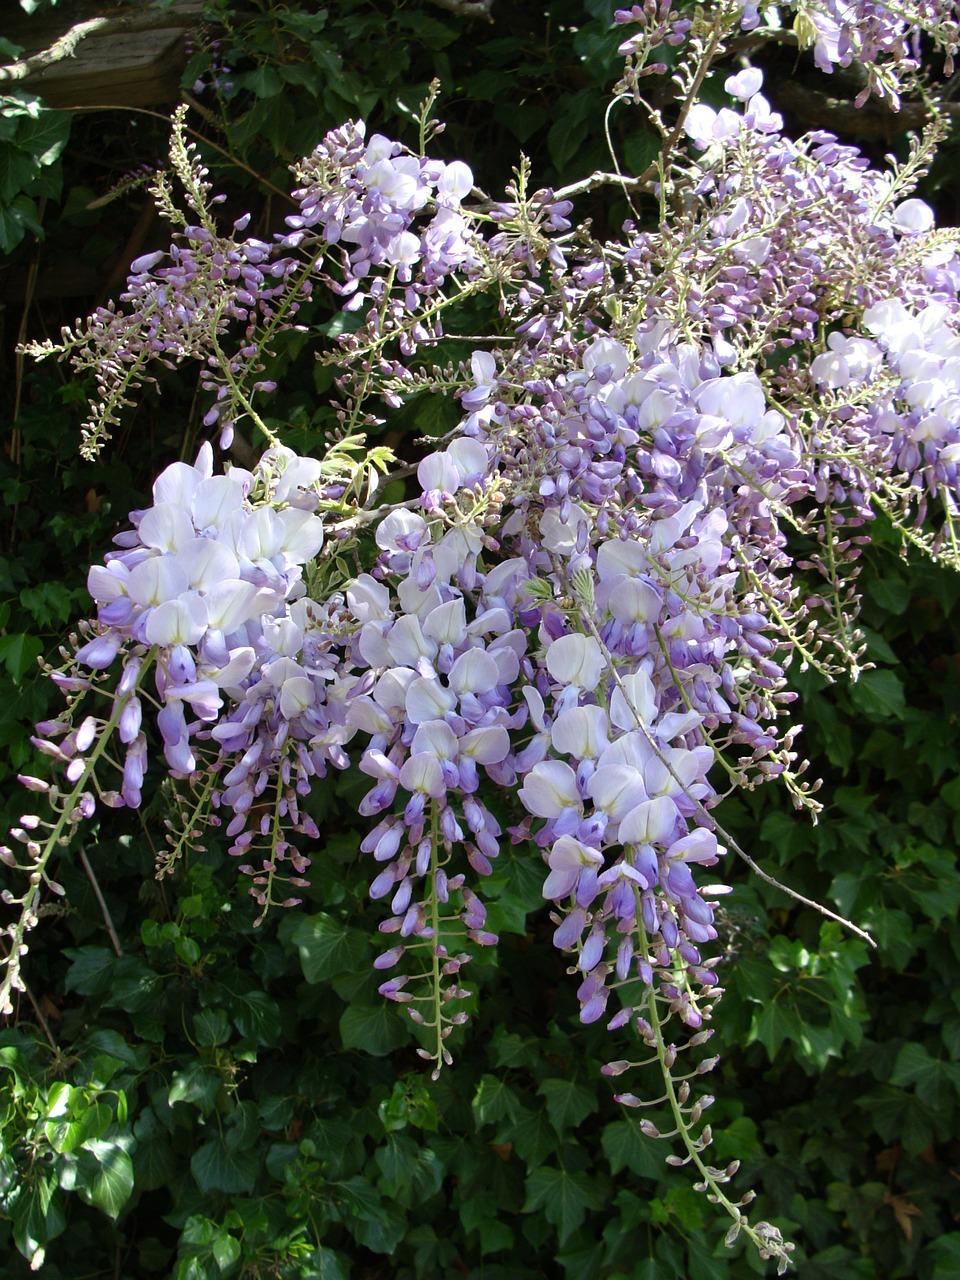 Climbing Vine Flowers Purple Flowers Summer Bloow Strong Sunlight